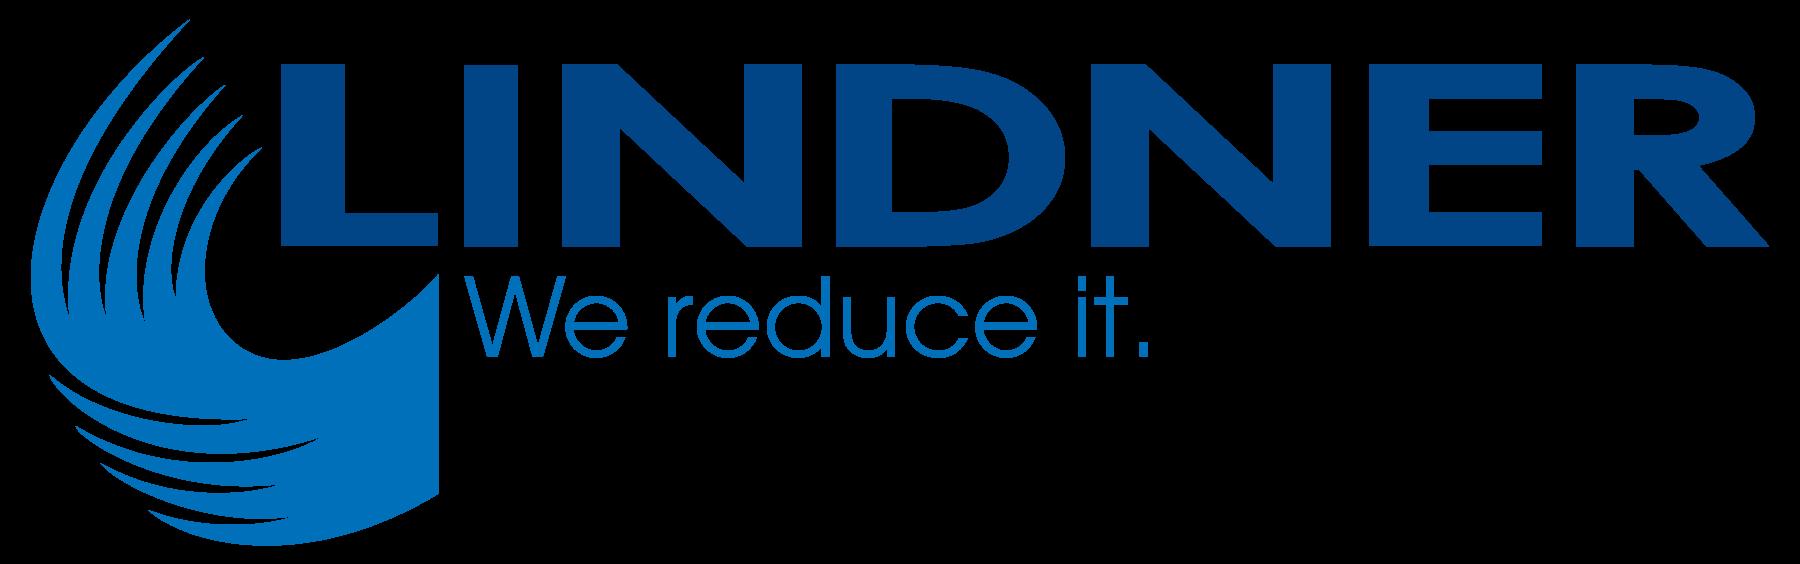 Lindner_WRI_Logo_4C.png